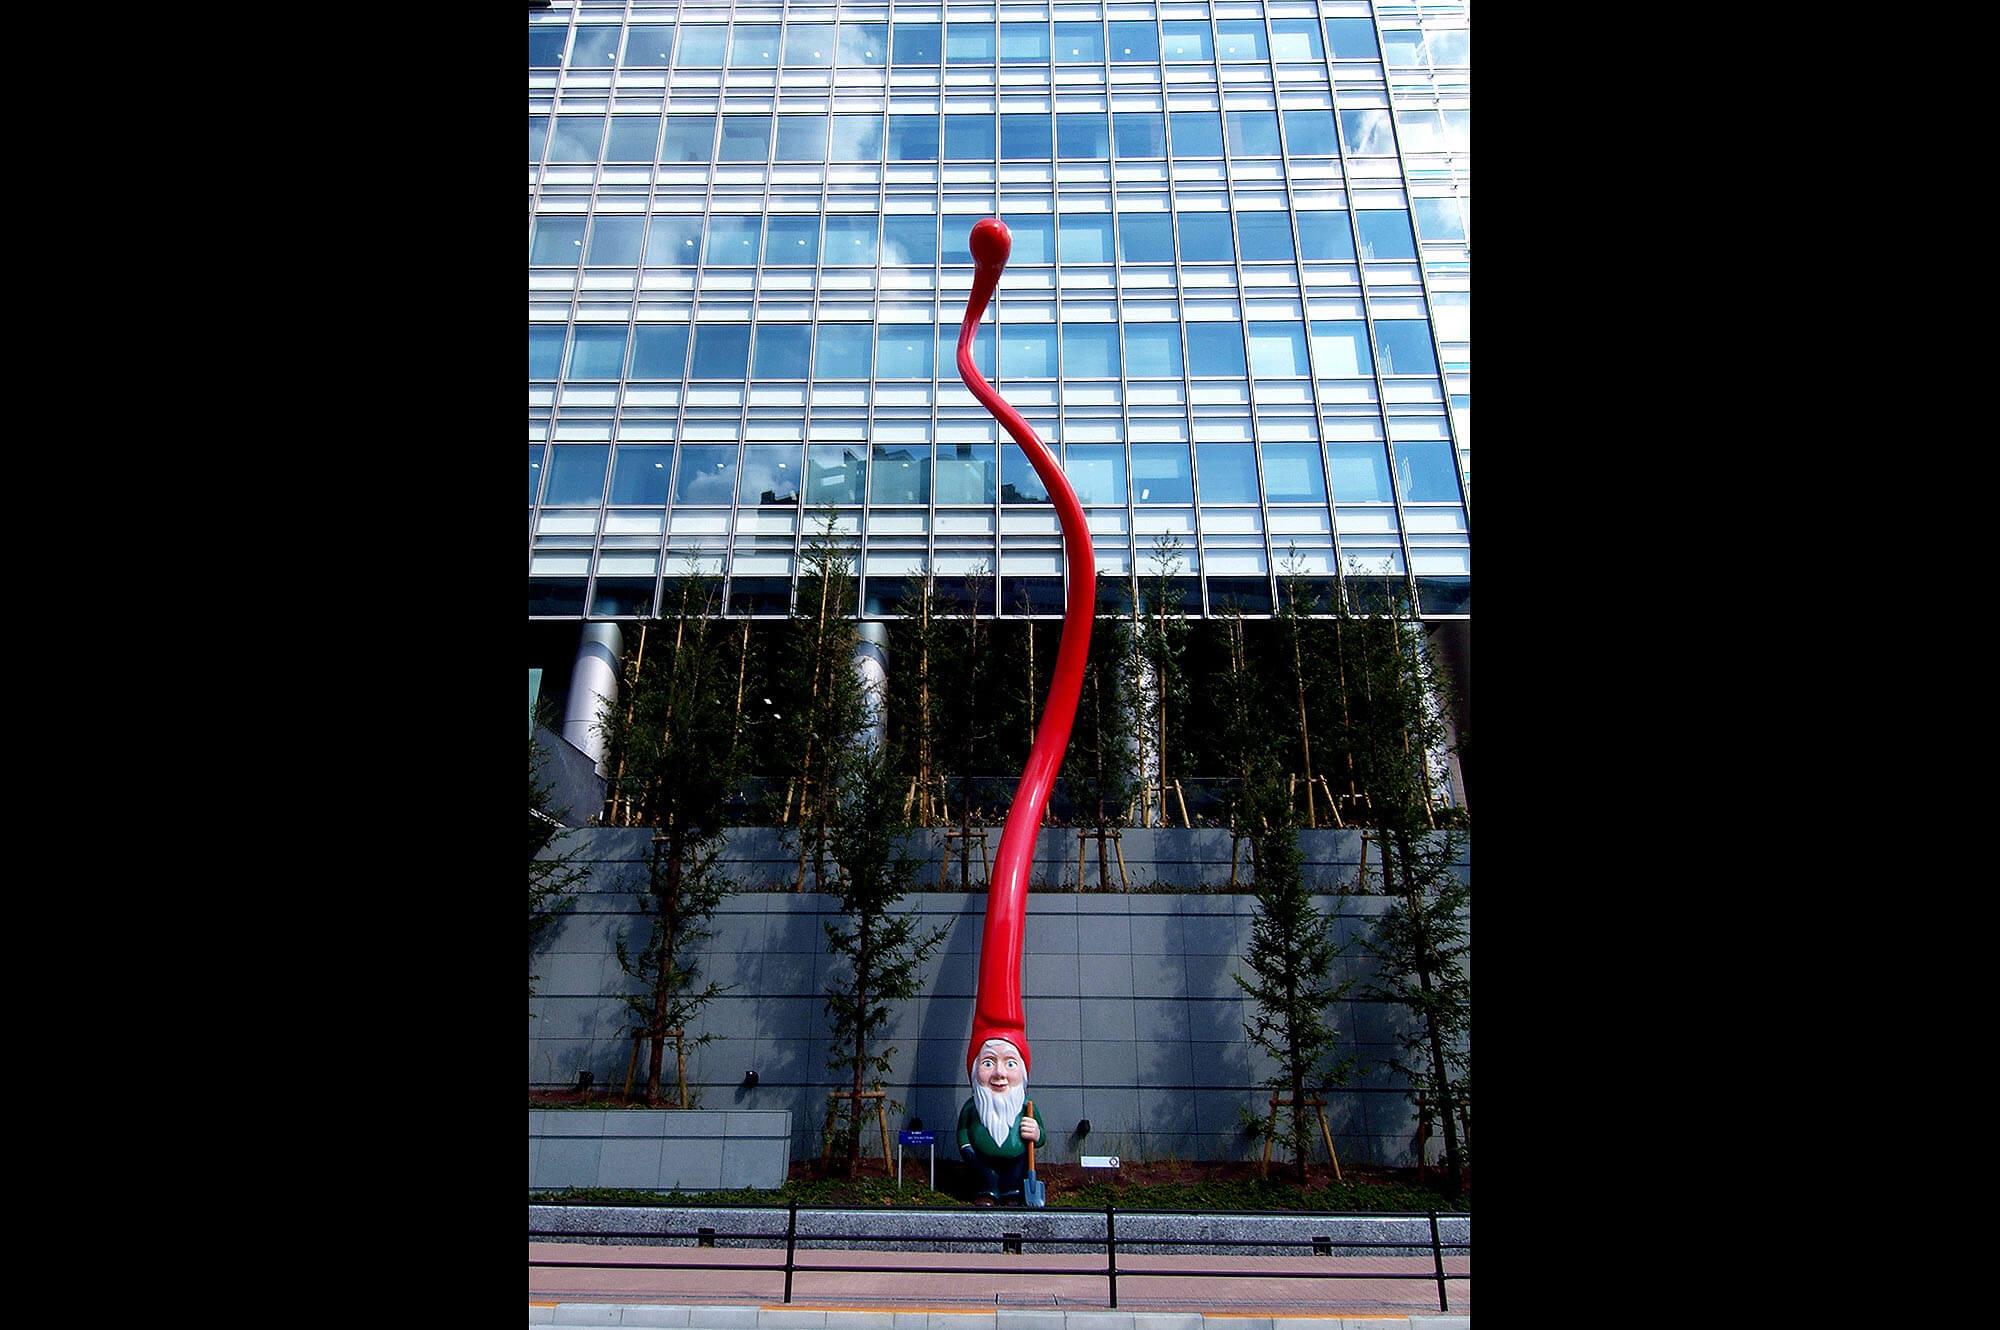 アートヴィレッジ大崎 アートプロジェクト offsociety inc. Art Village Osaki Art Project 現代美術・アート Contemporary Art